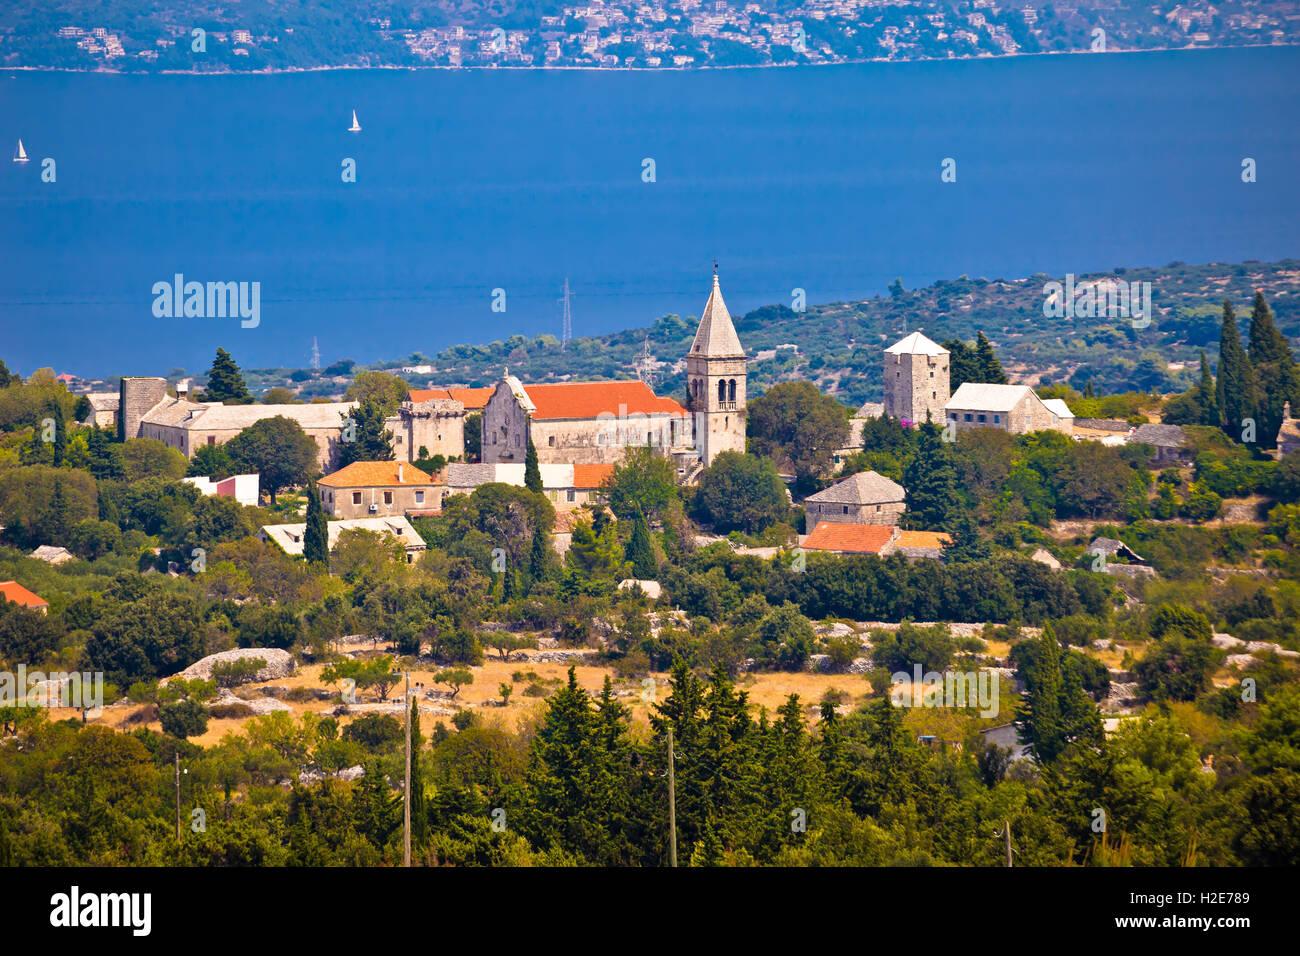 Aldea de Skrip arquitectura en piedra y el BRAC Channel View, Dalmacia, Croacia Imagen De Stock